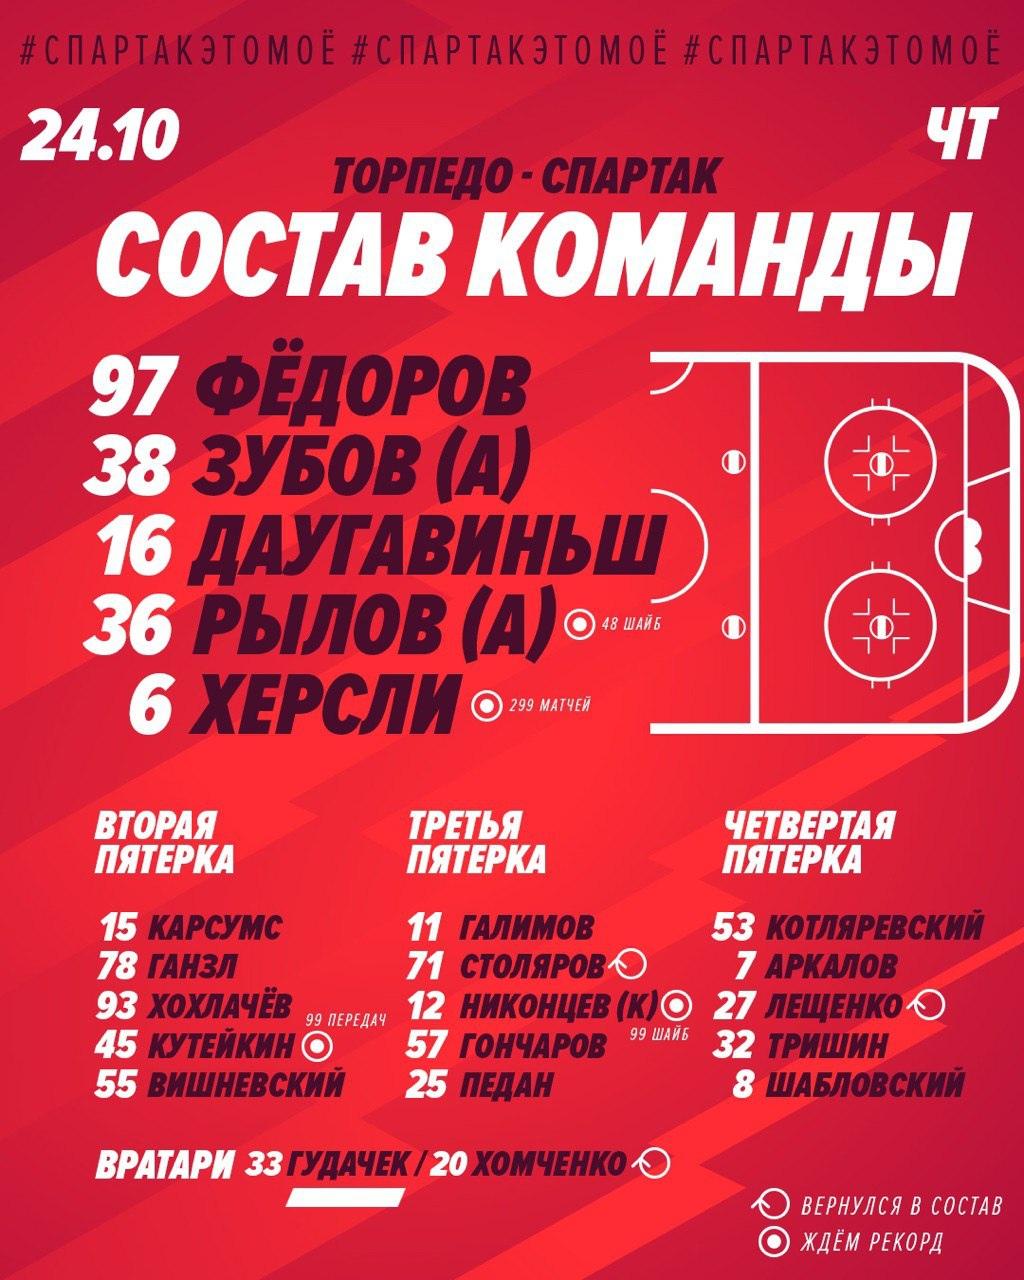 Состав «Спартака» на матч с «Торпедо»